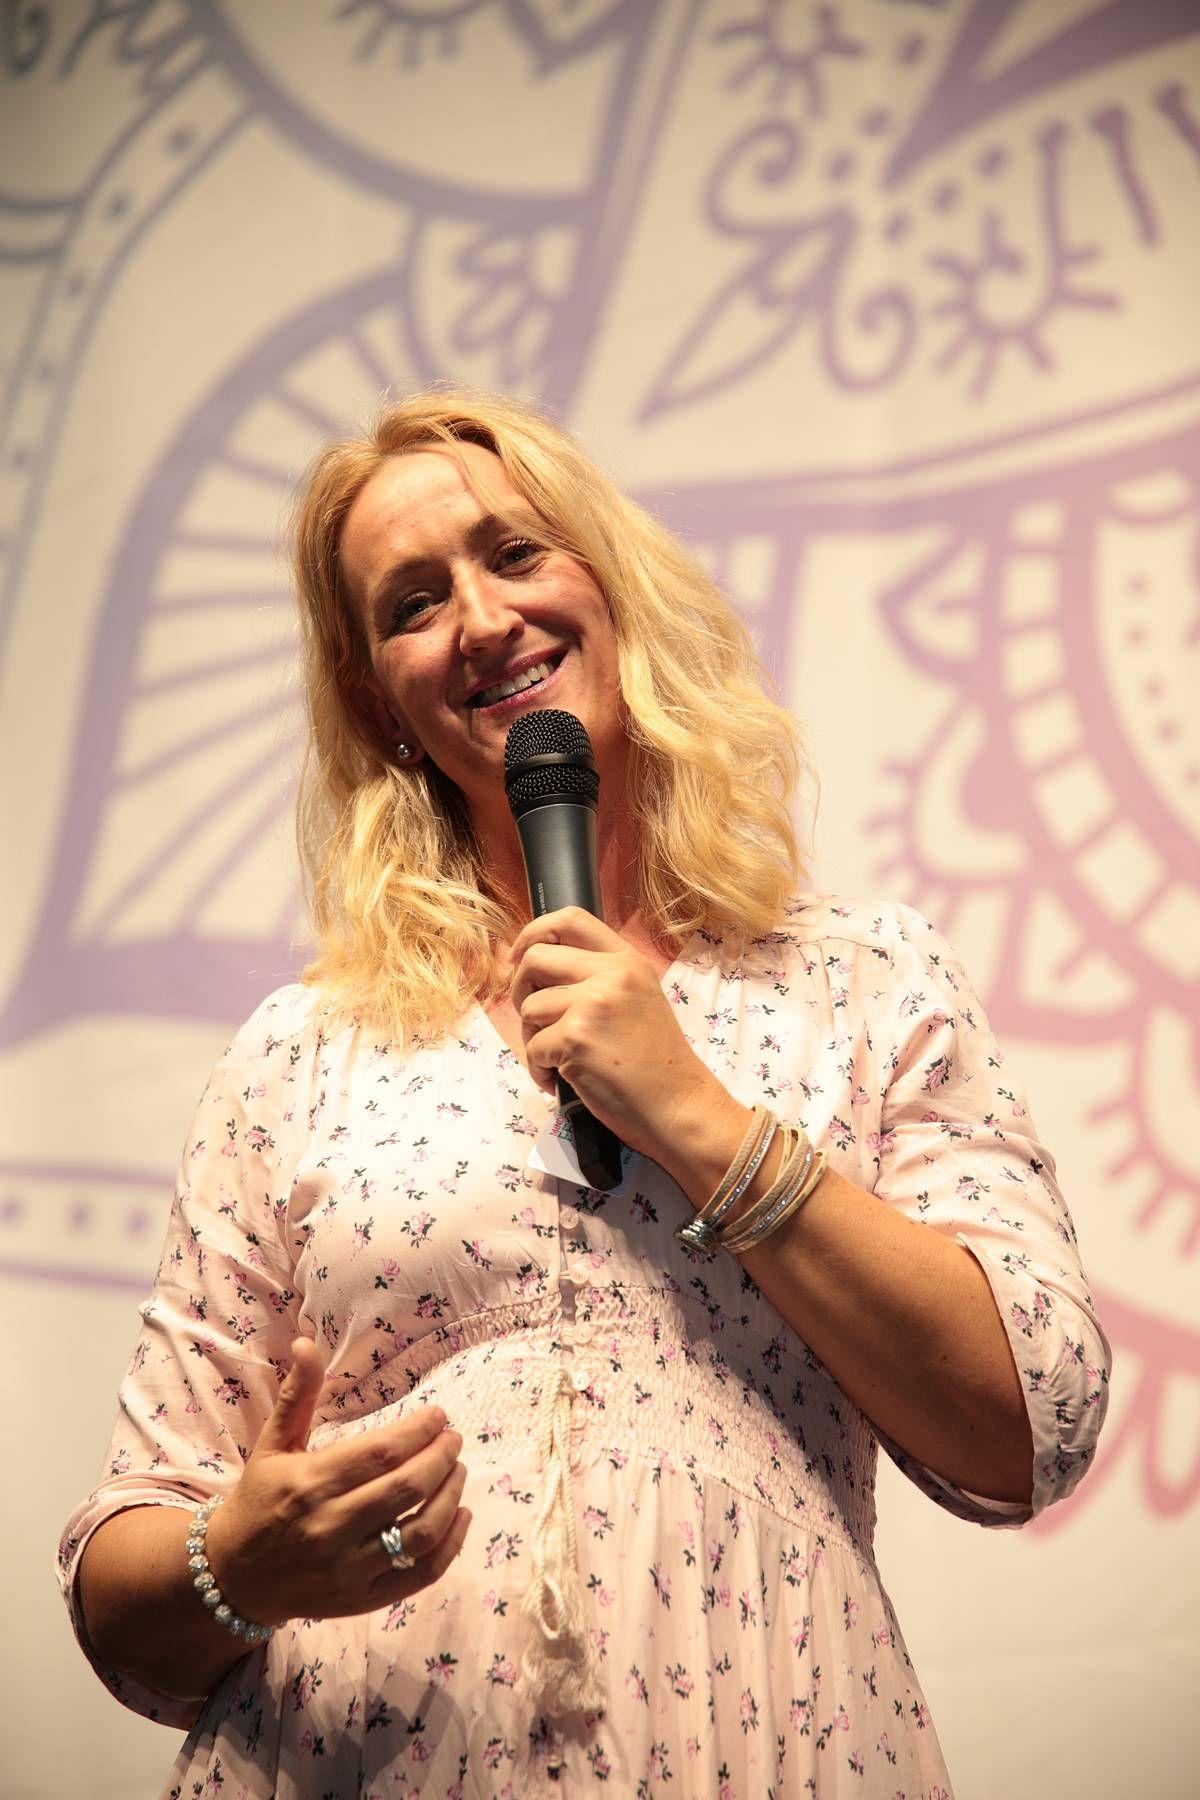 Dawn Osborne